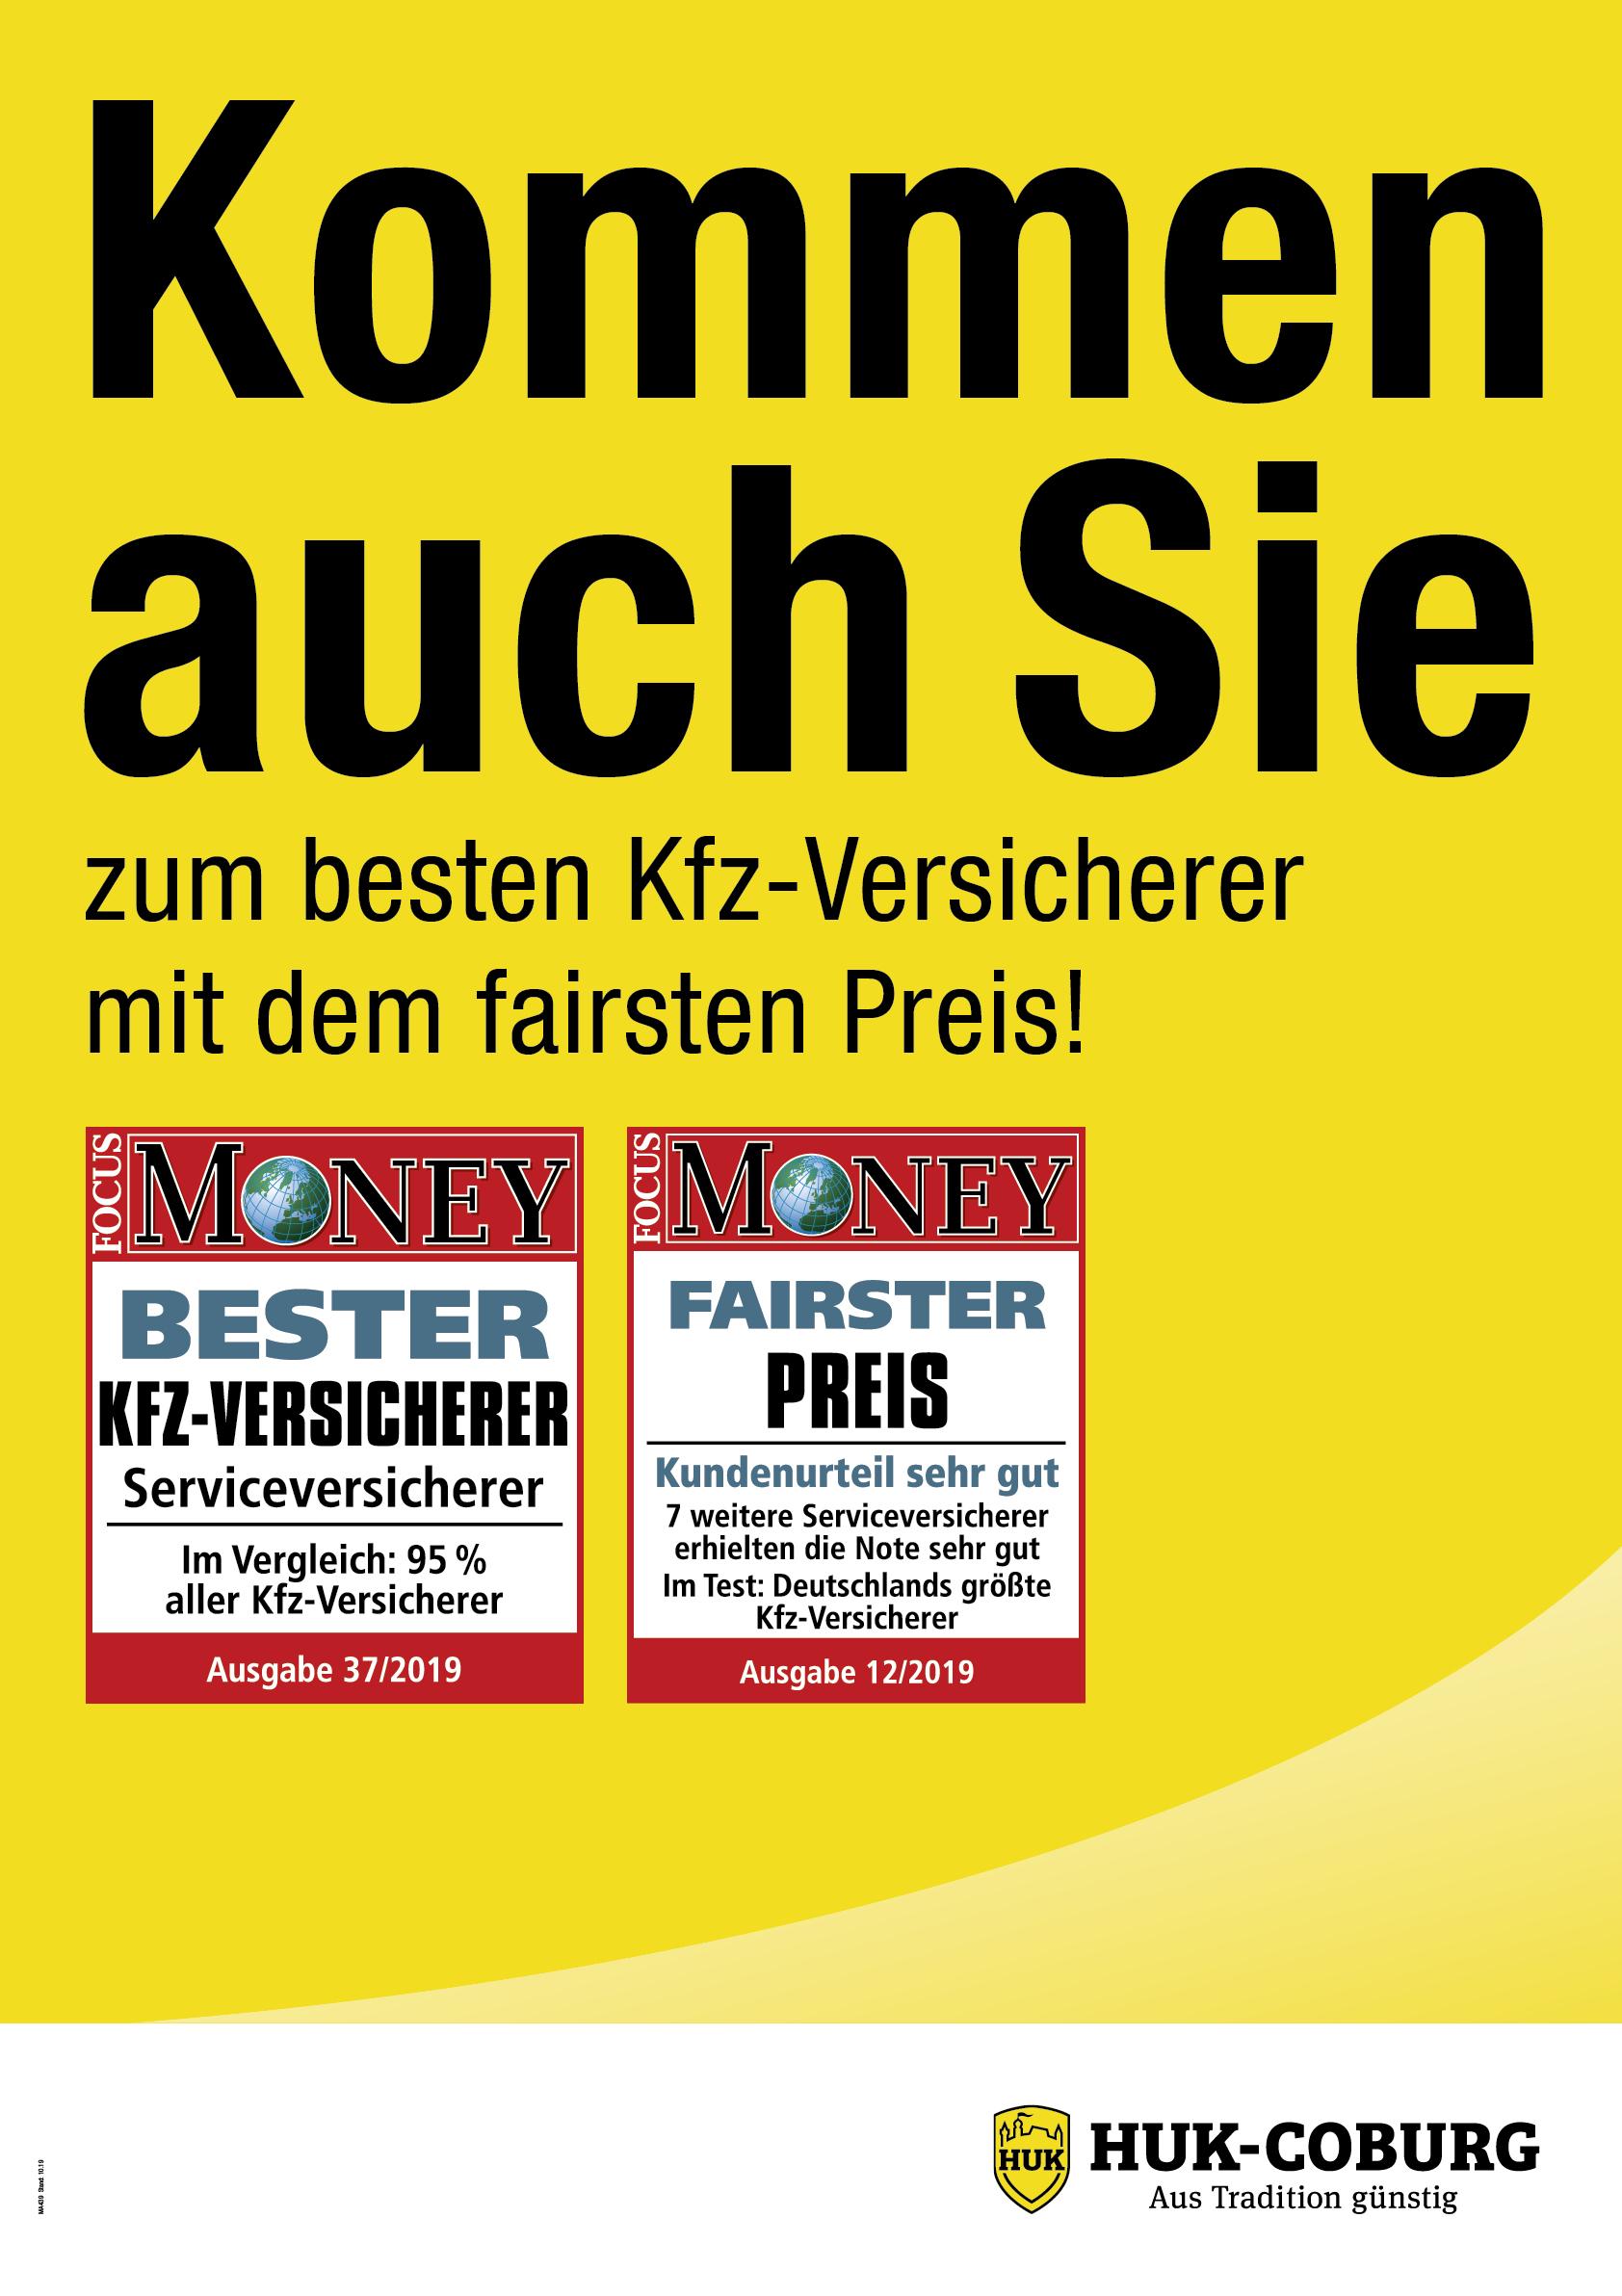 HUK-COBURG Versicherung Karl-Heinz Wegmann in Gleiszellen-Gleishorbach